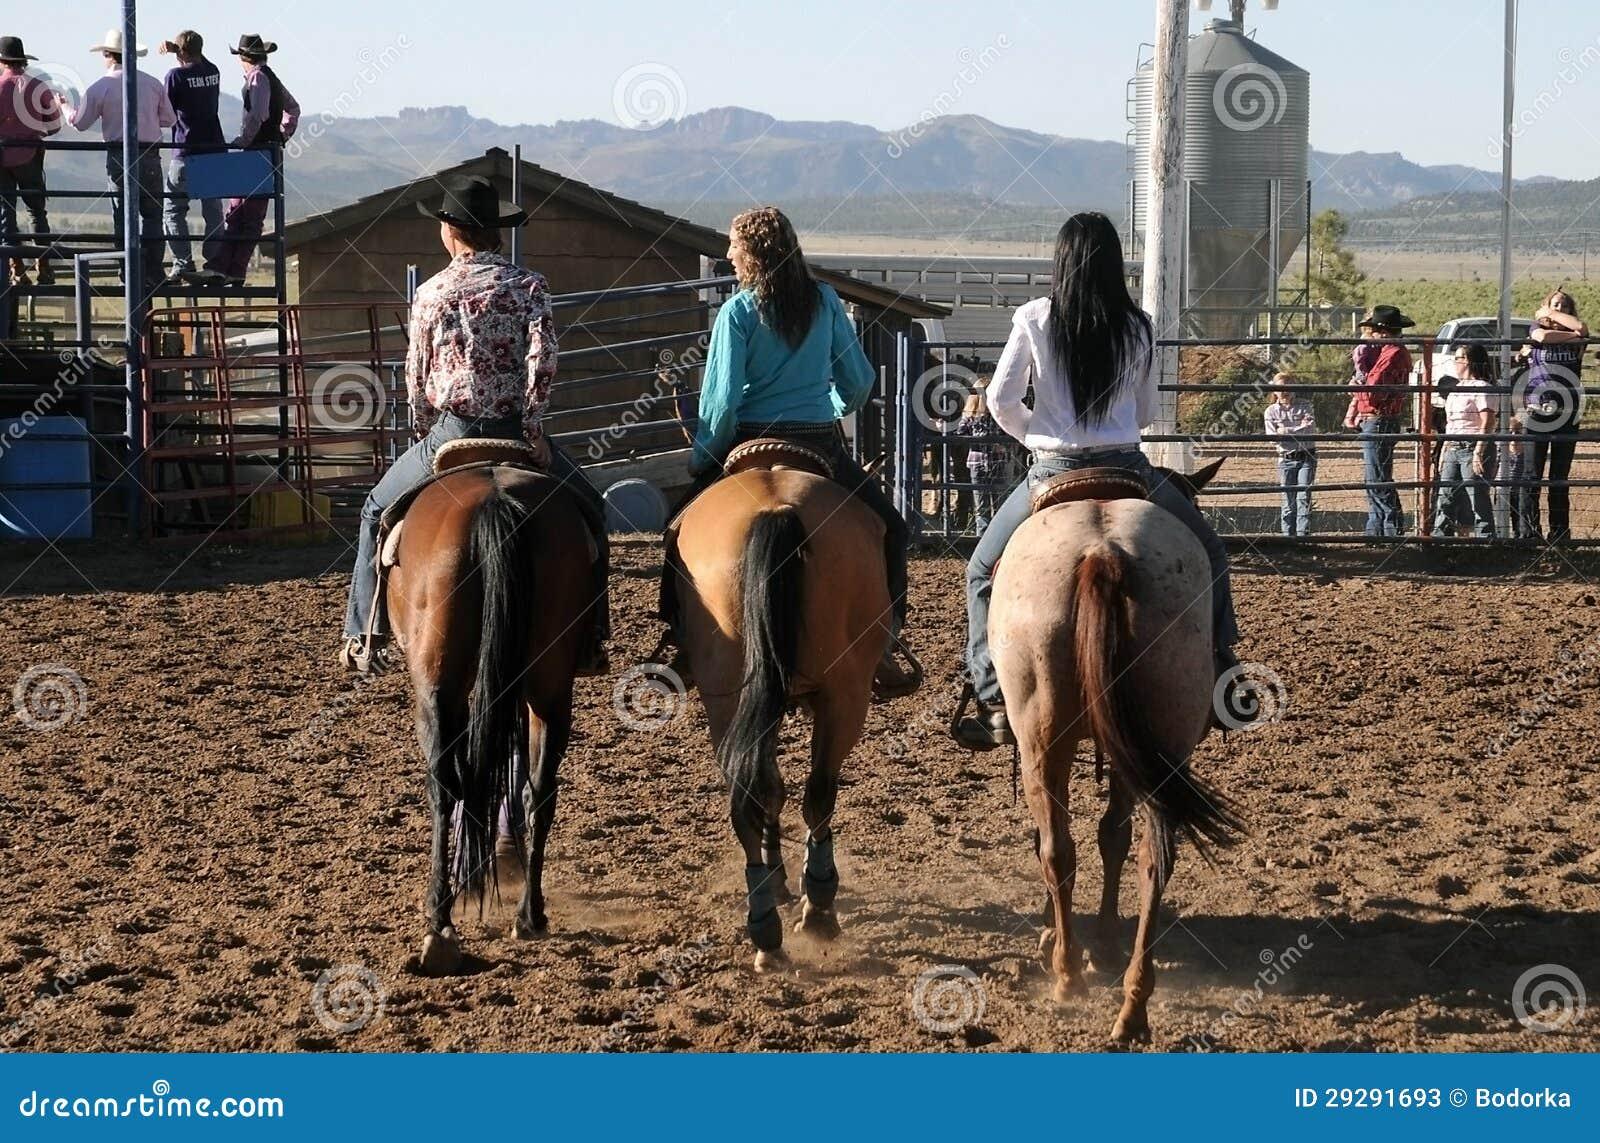 Vaqueras en caballos foto de archivo editorial Imagen de granjero